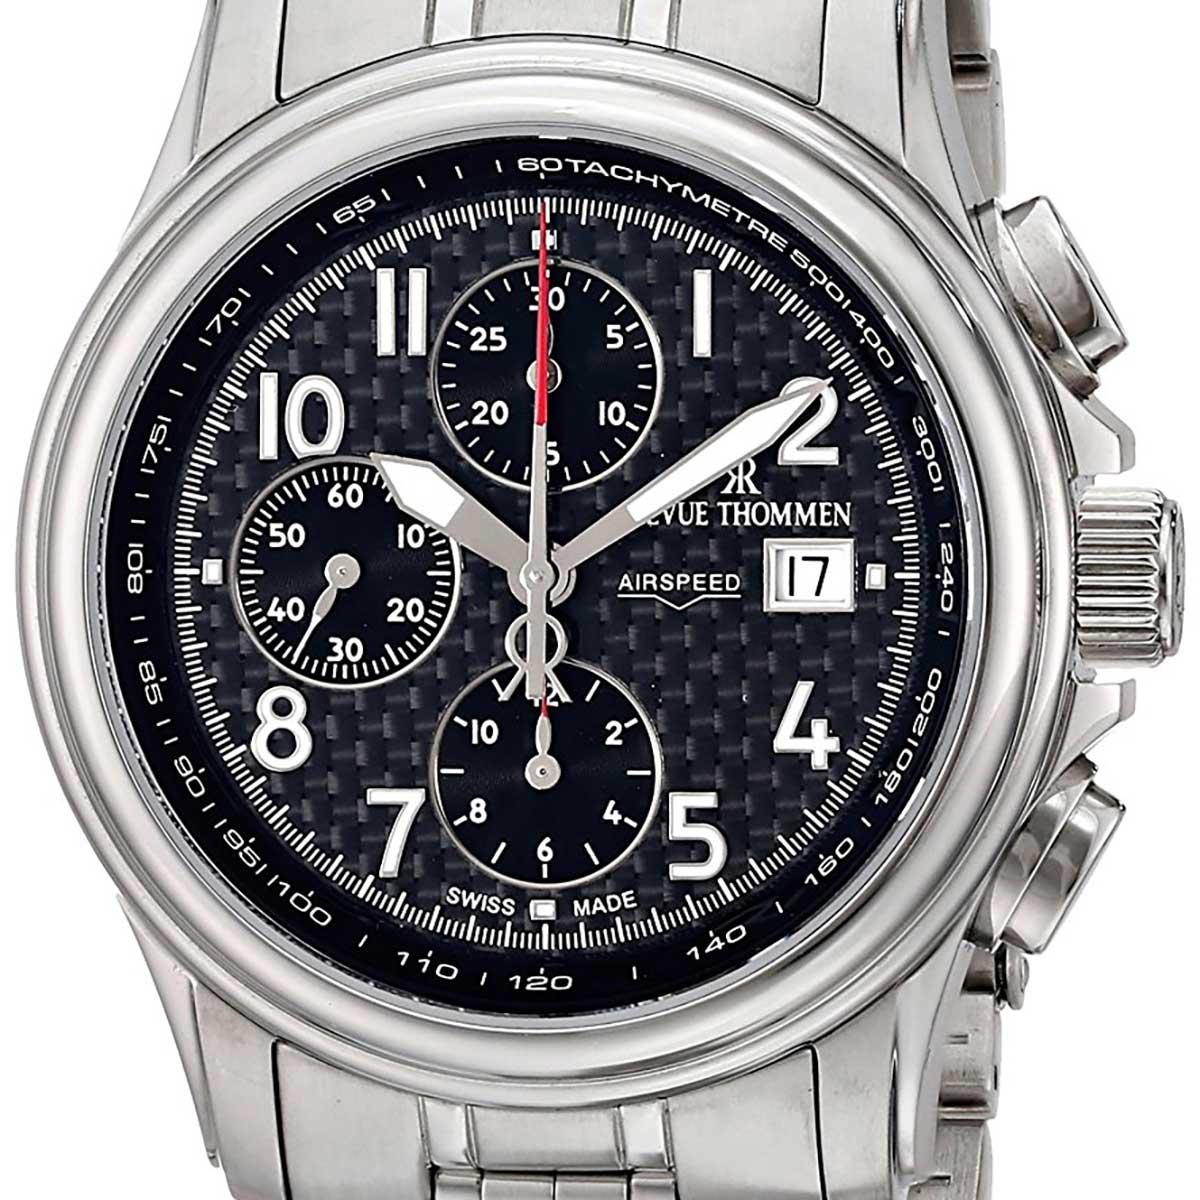 【残り1点】REVUE THOMMEN レビュートーメン 自動巻き(手巻き機能あり) 腕時計 [16041.6137] 並行輸入品 ブラック(黒)